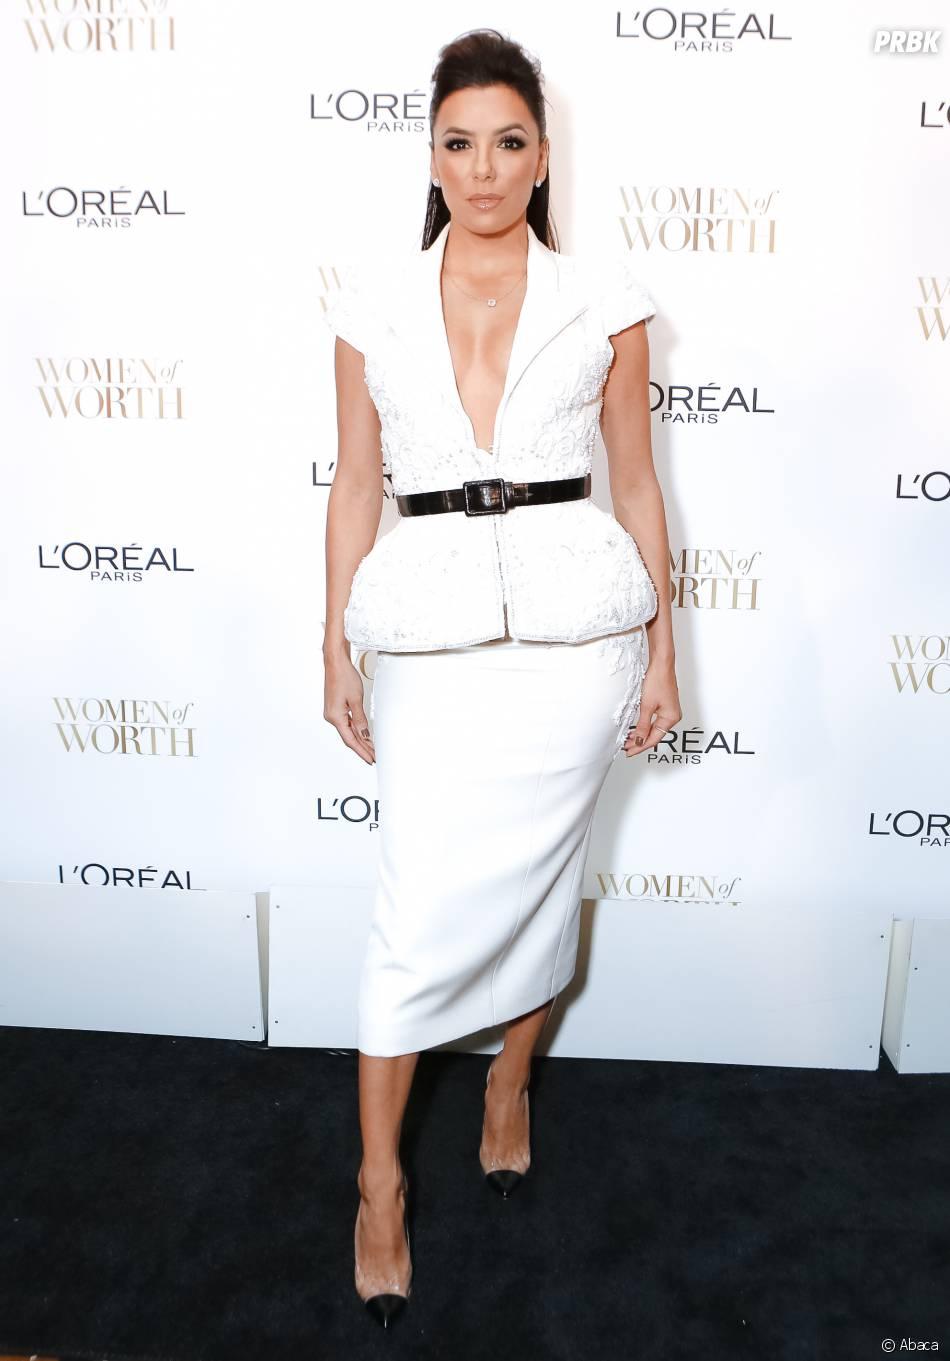 Eva Longoria à la soirée Women of Worth de L'Oreal, le 2 décembre 2014 à New York